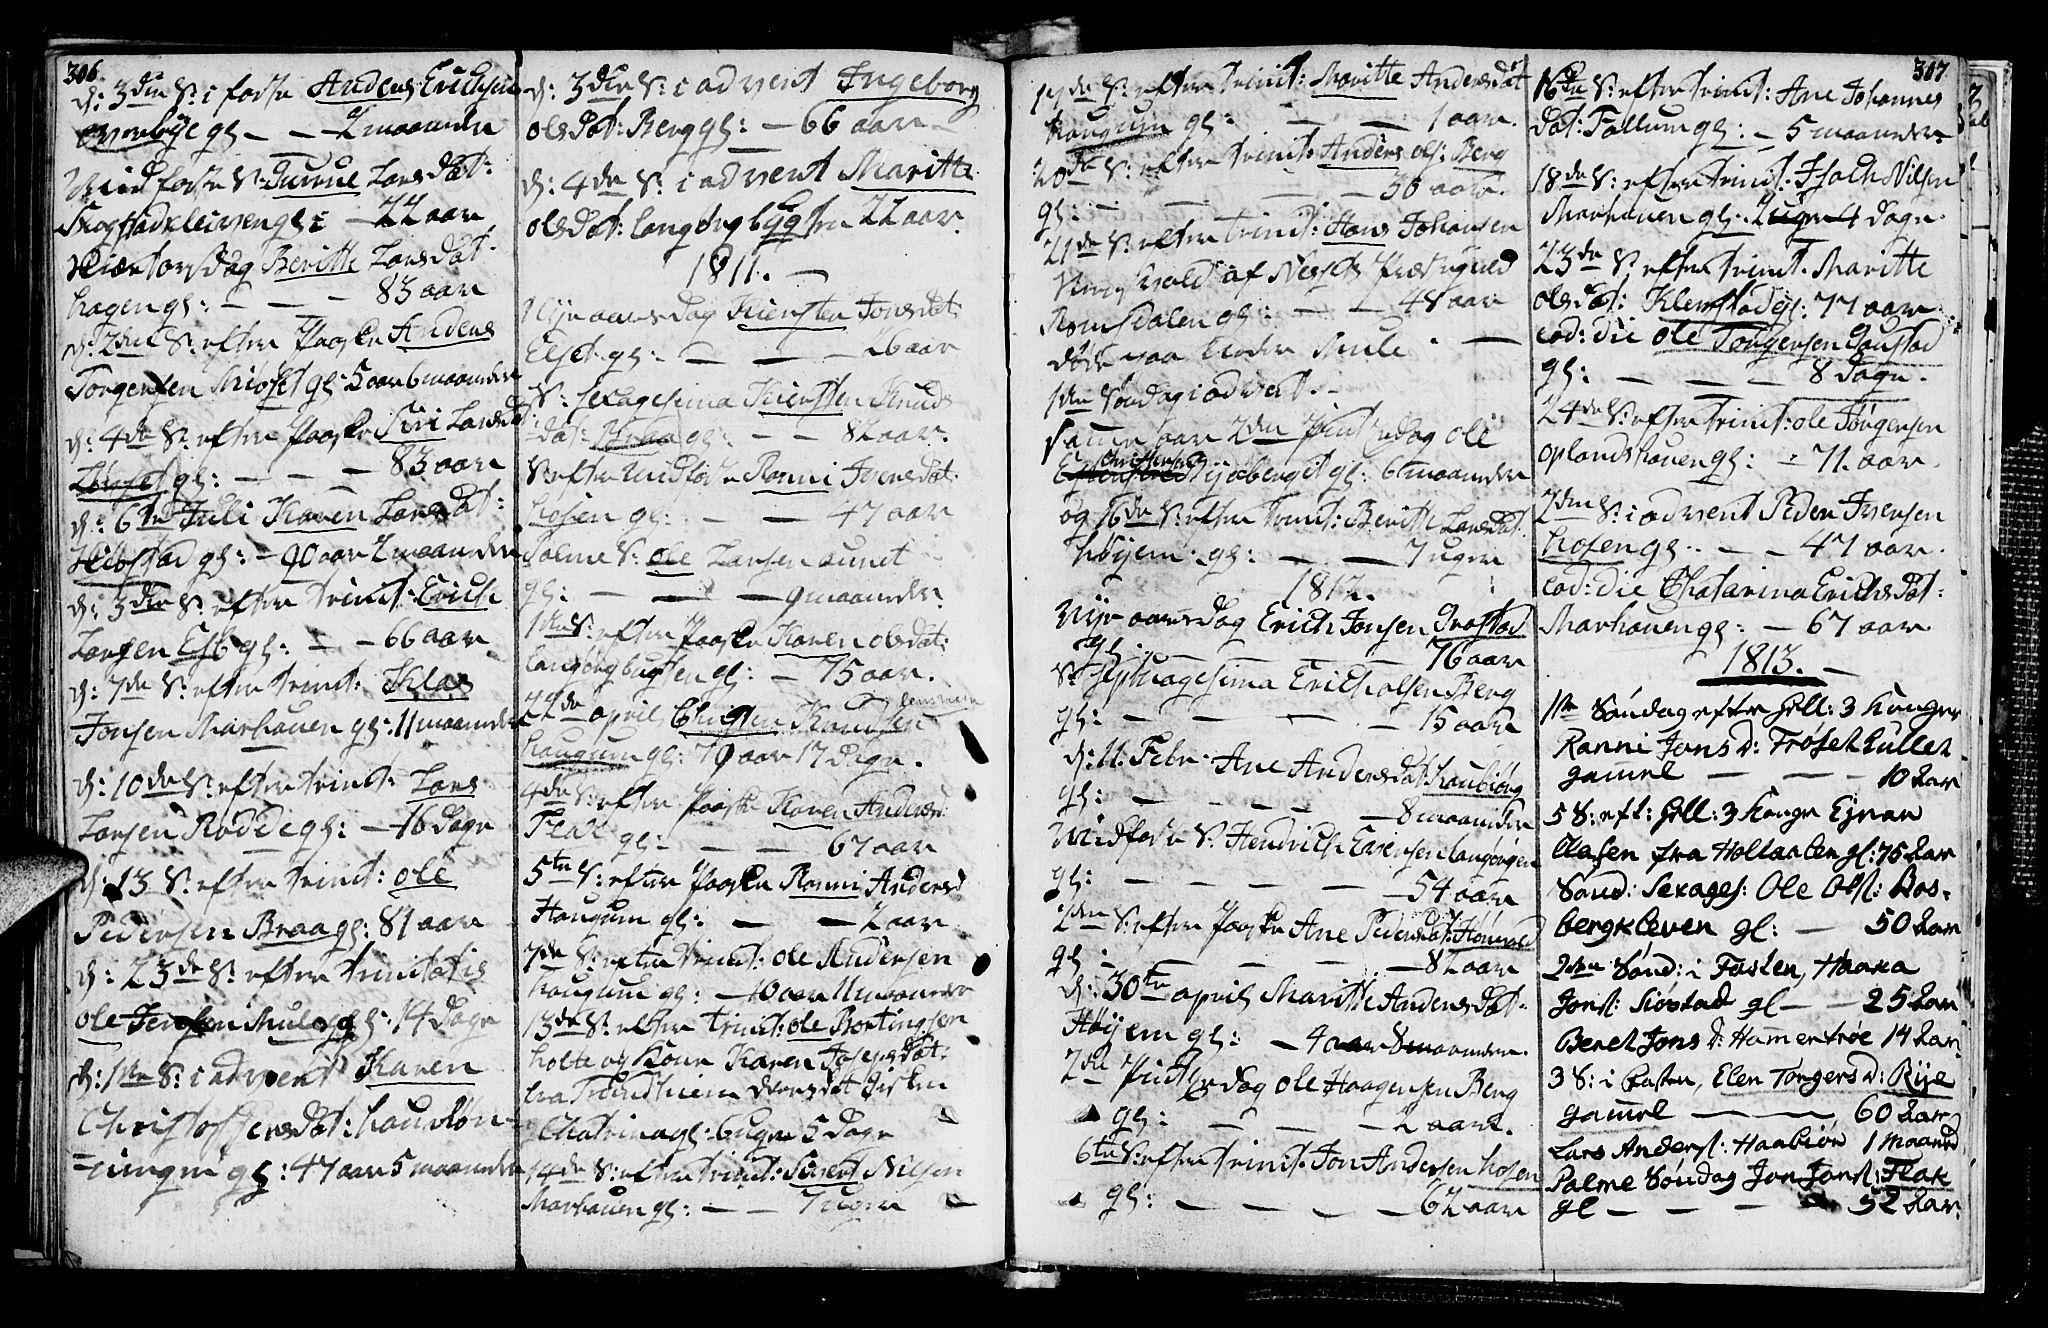 SAT, Ministerialprotokoller, klokkerbøker og fødselsregistre - Sør-Trøndelag, 612/L0371: Ministerialbok nr. 612A05, 1803-1816, s. 306-307